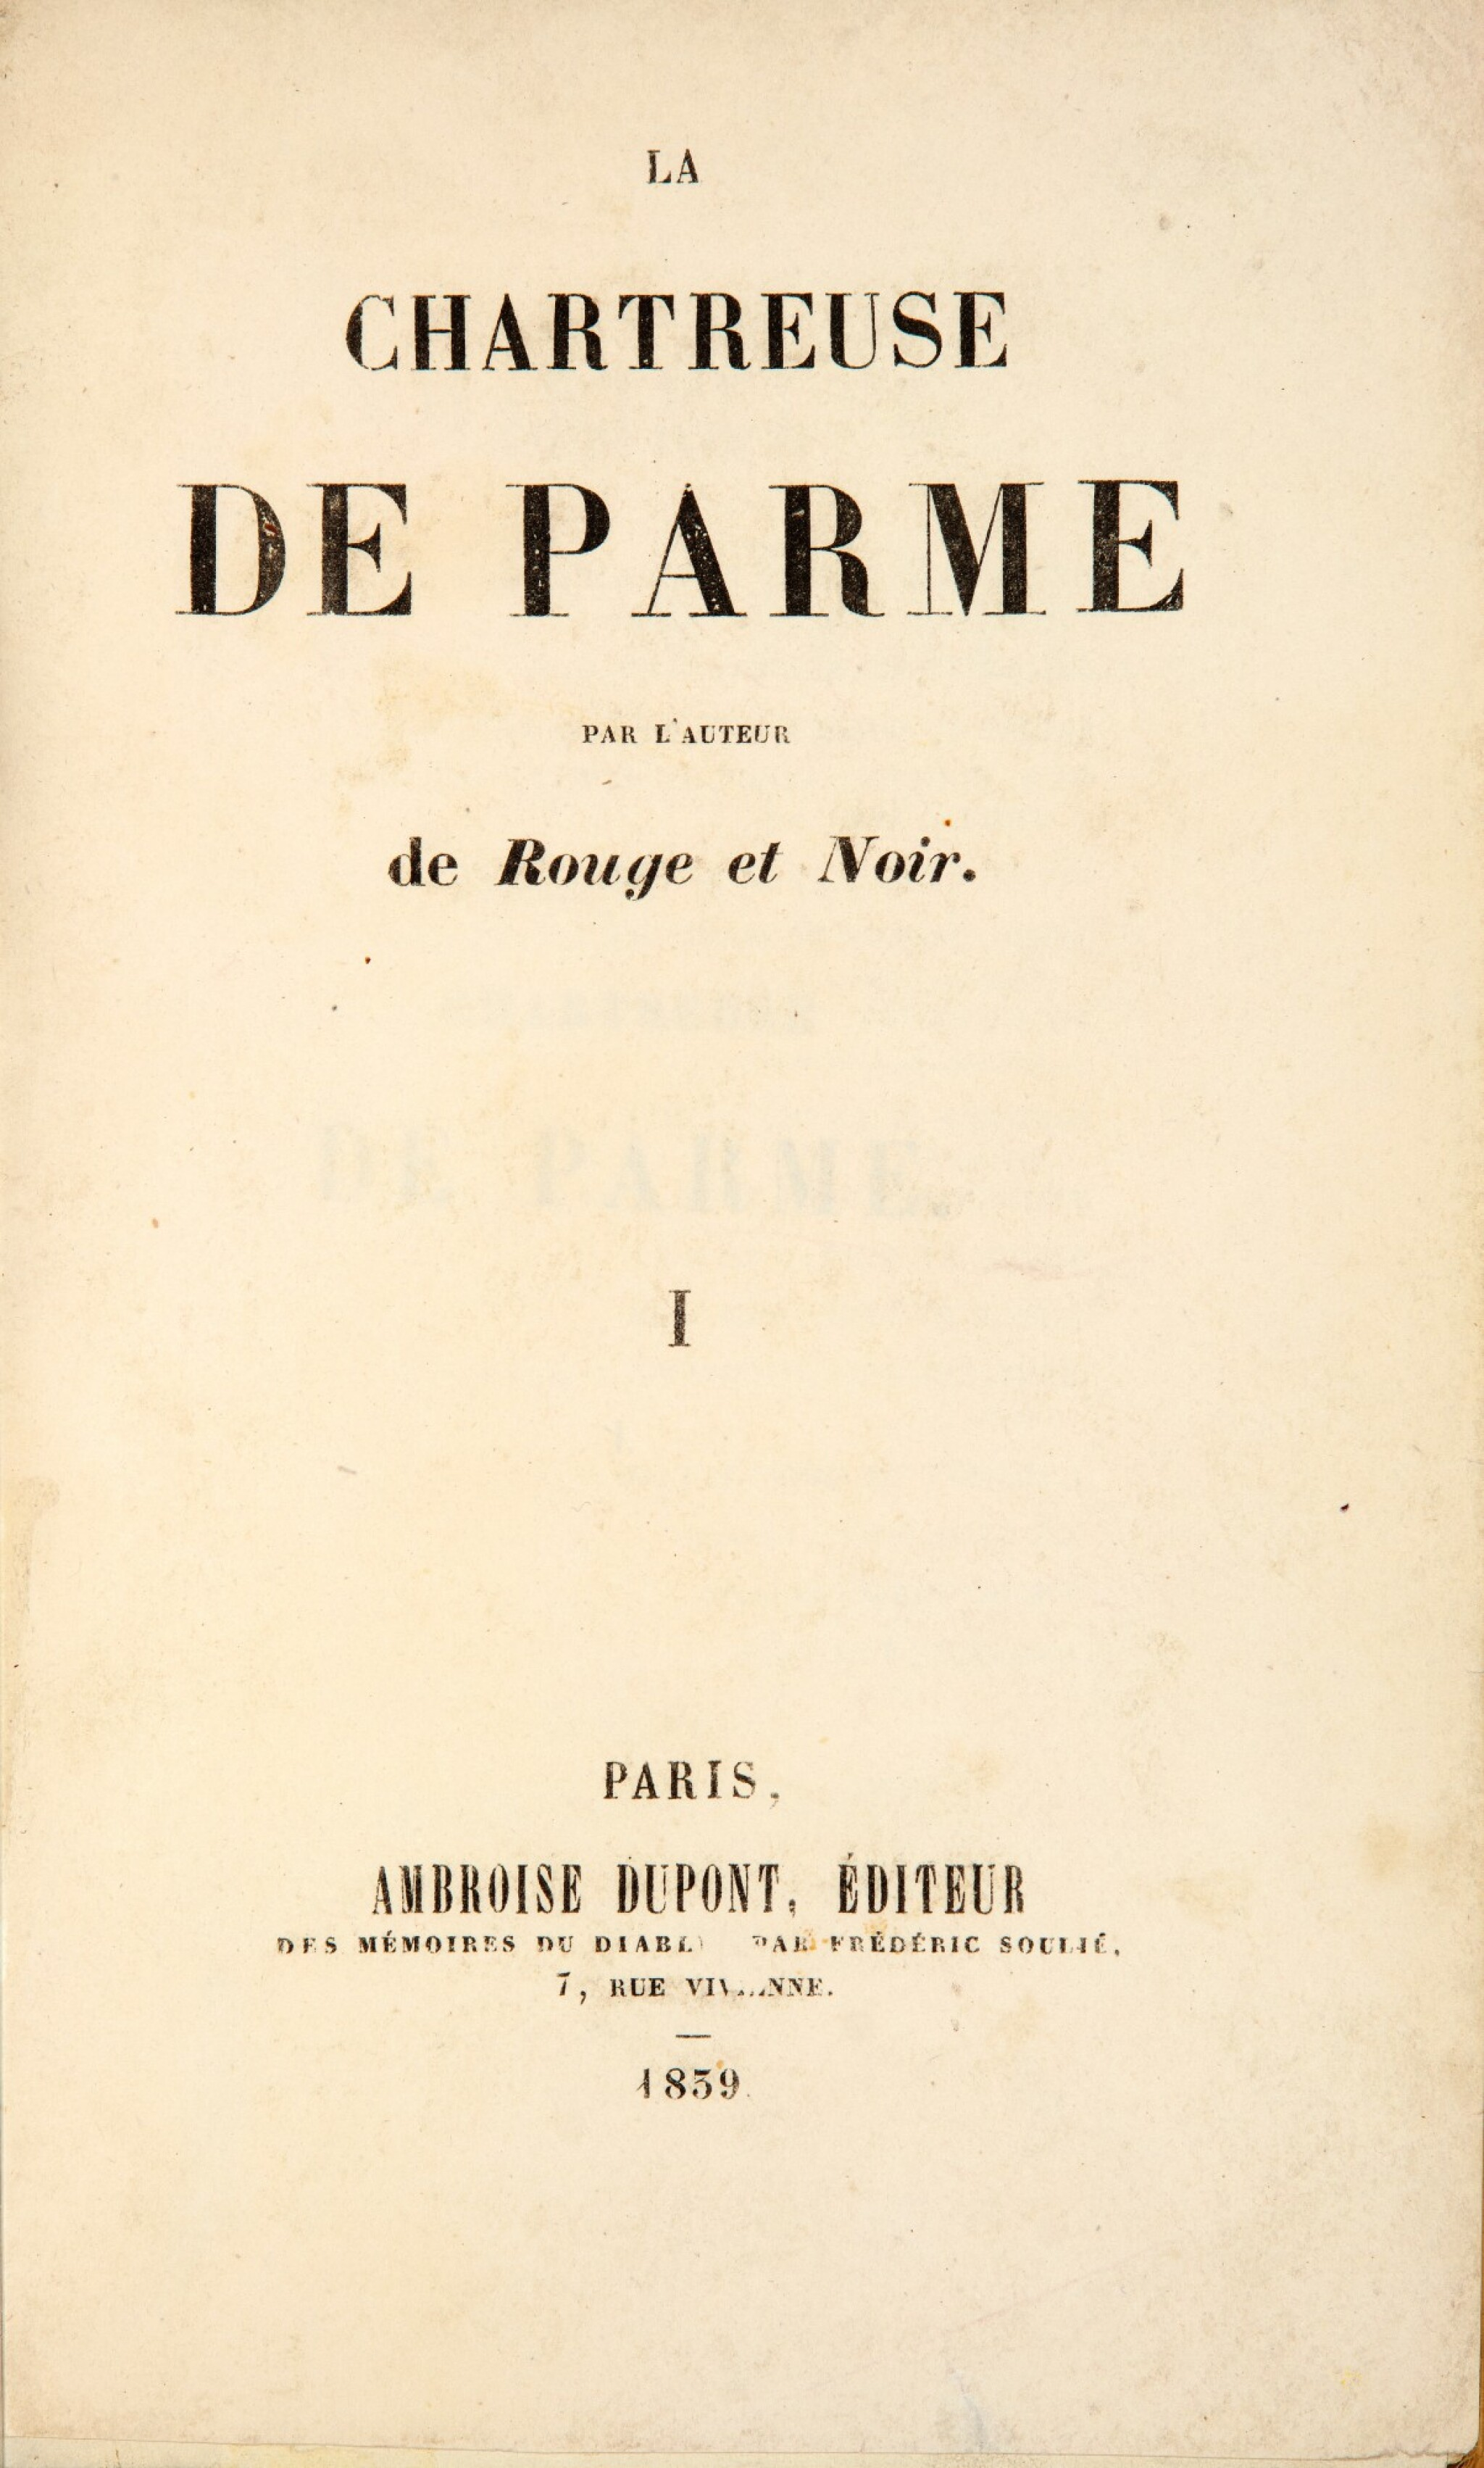 View 1 of Lot 190. STENDHAL. La Chartreuse de Parme. 1839. 2 vol, demi-mar. de Pagnant, relié sur brochure. Édition originale..